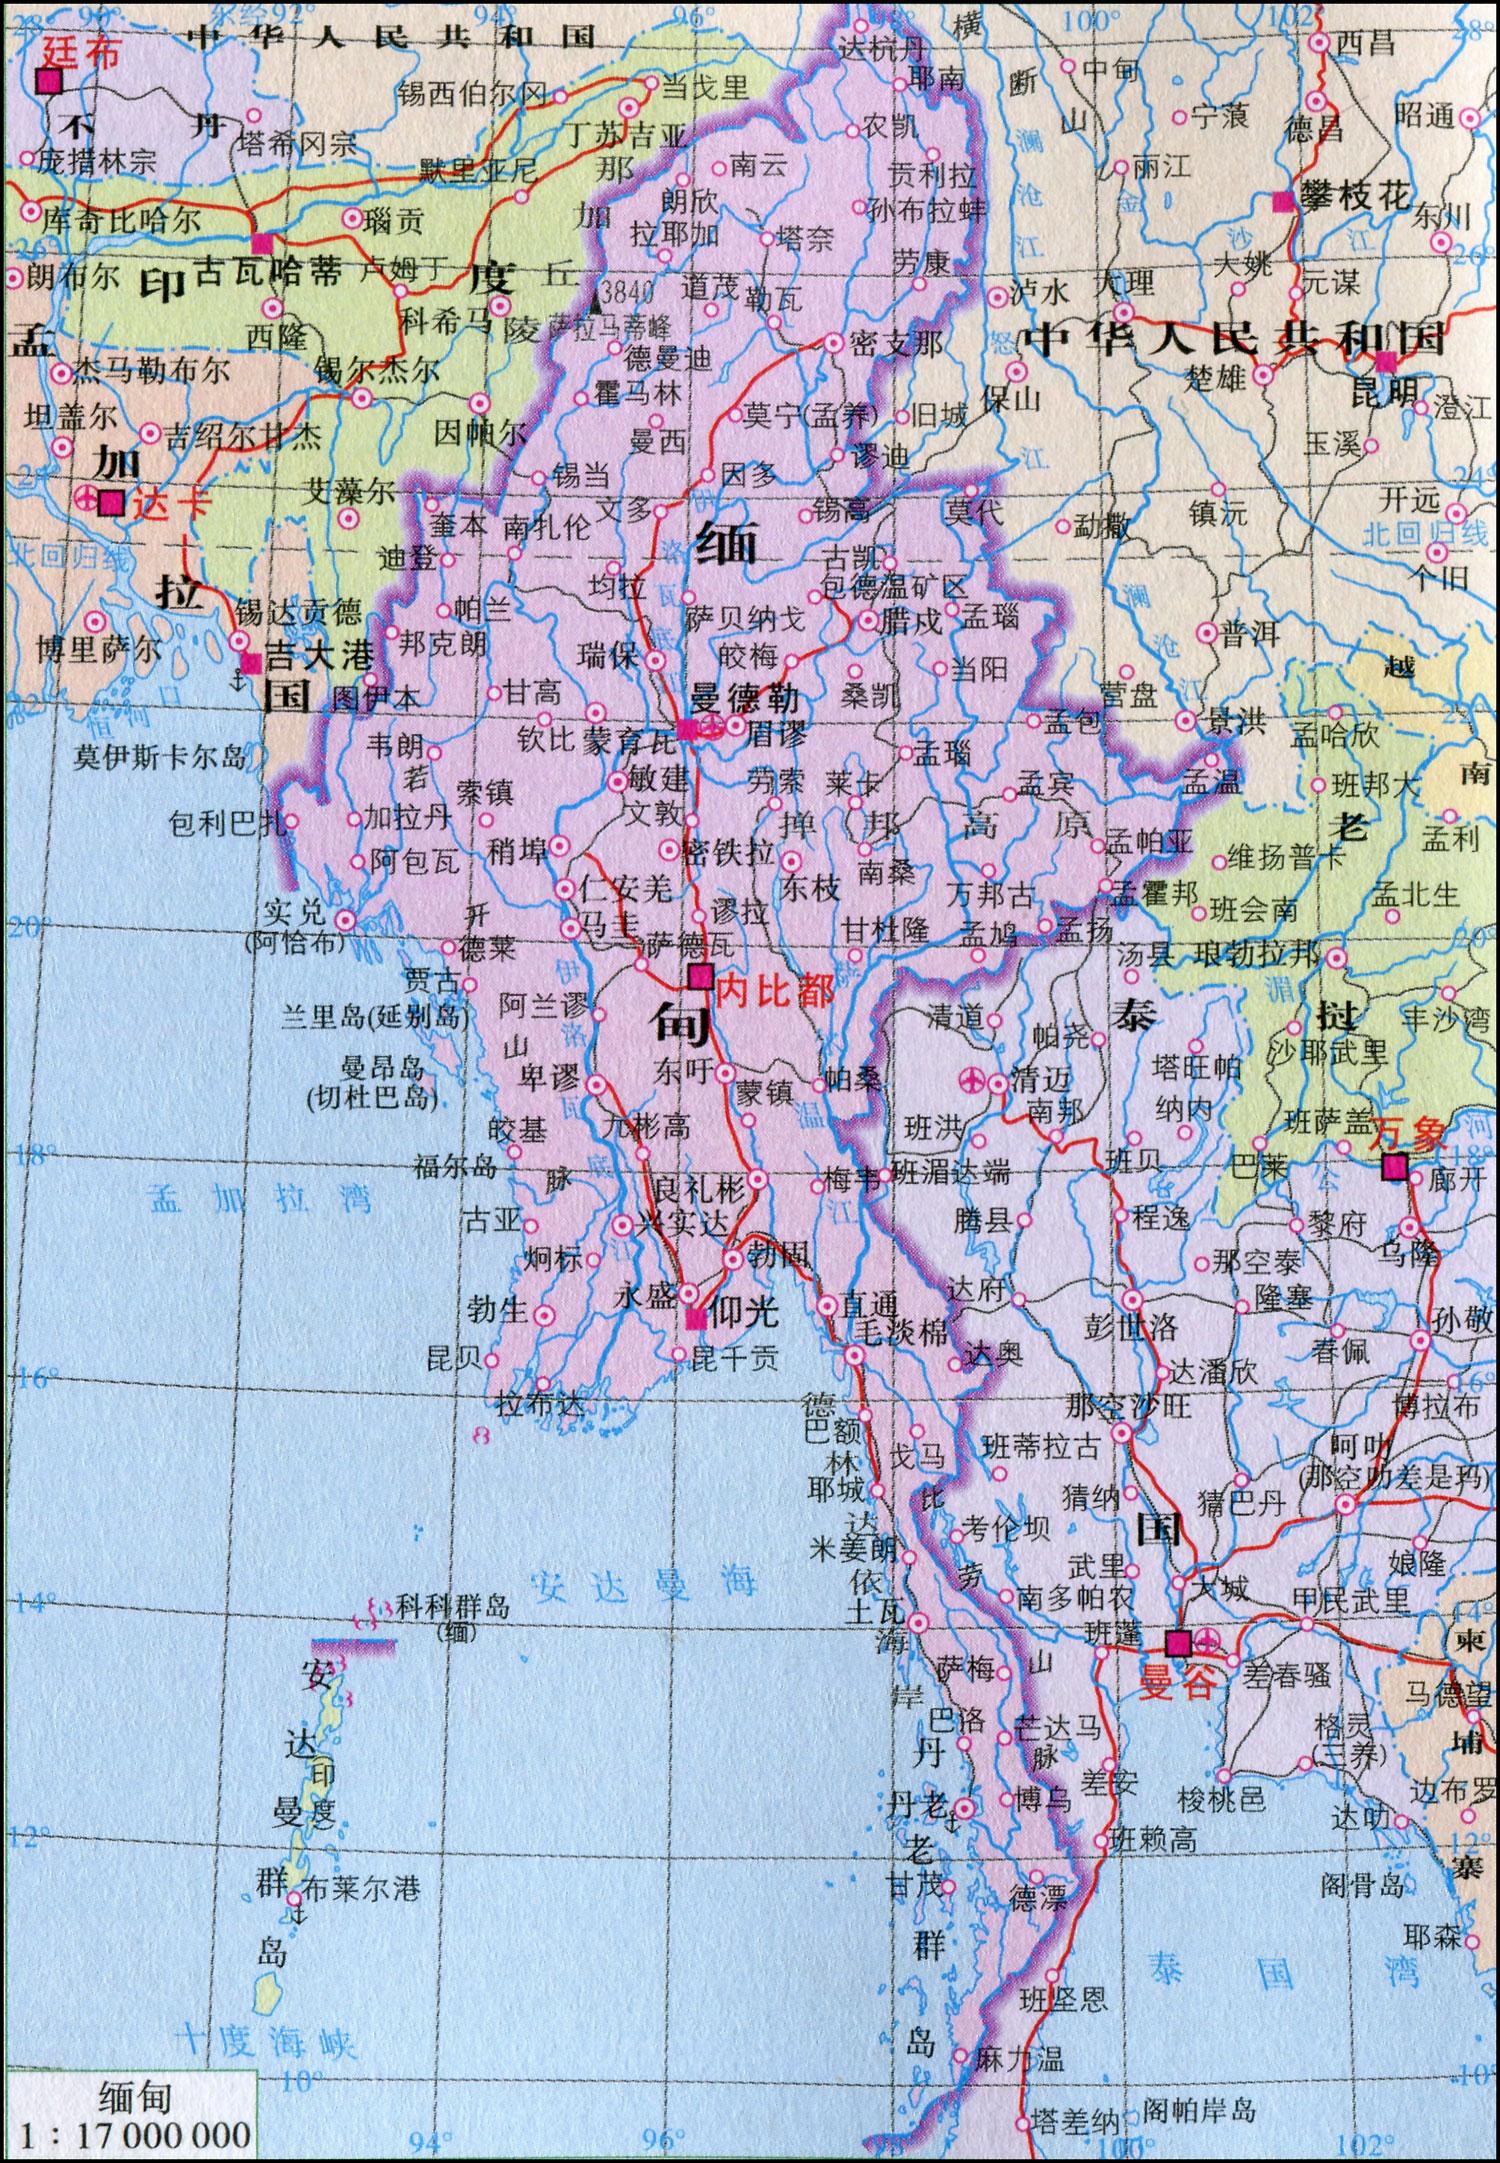 缅甸地图中文版高清大图